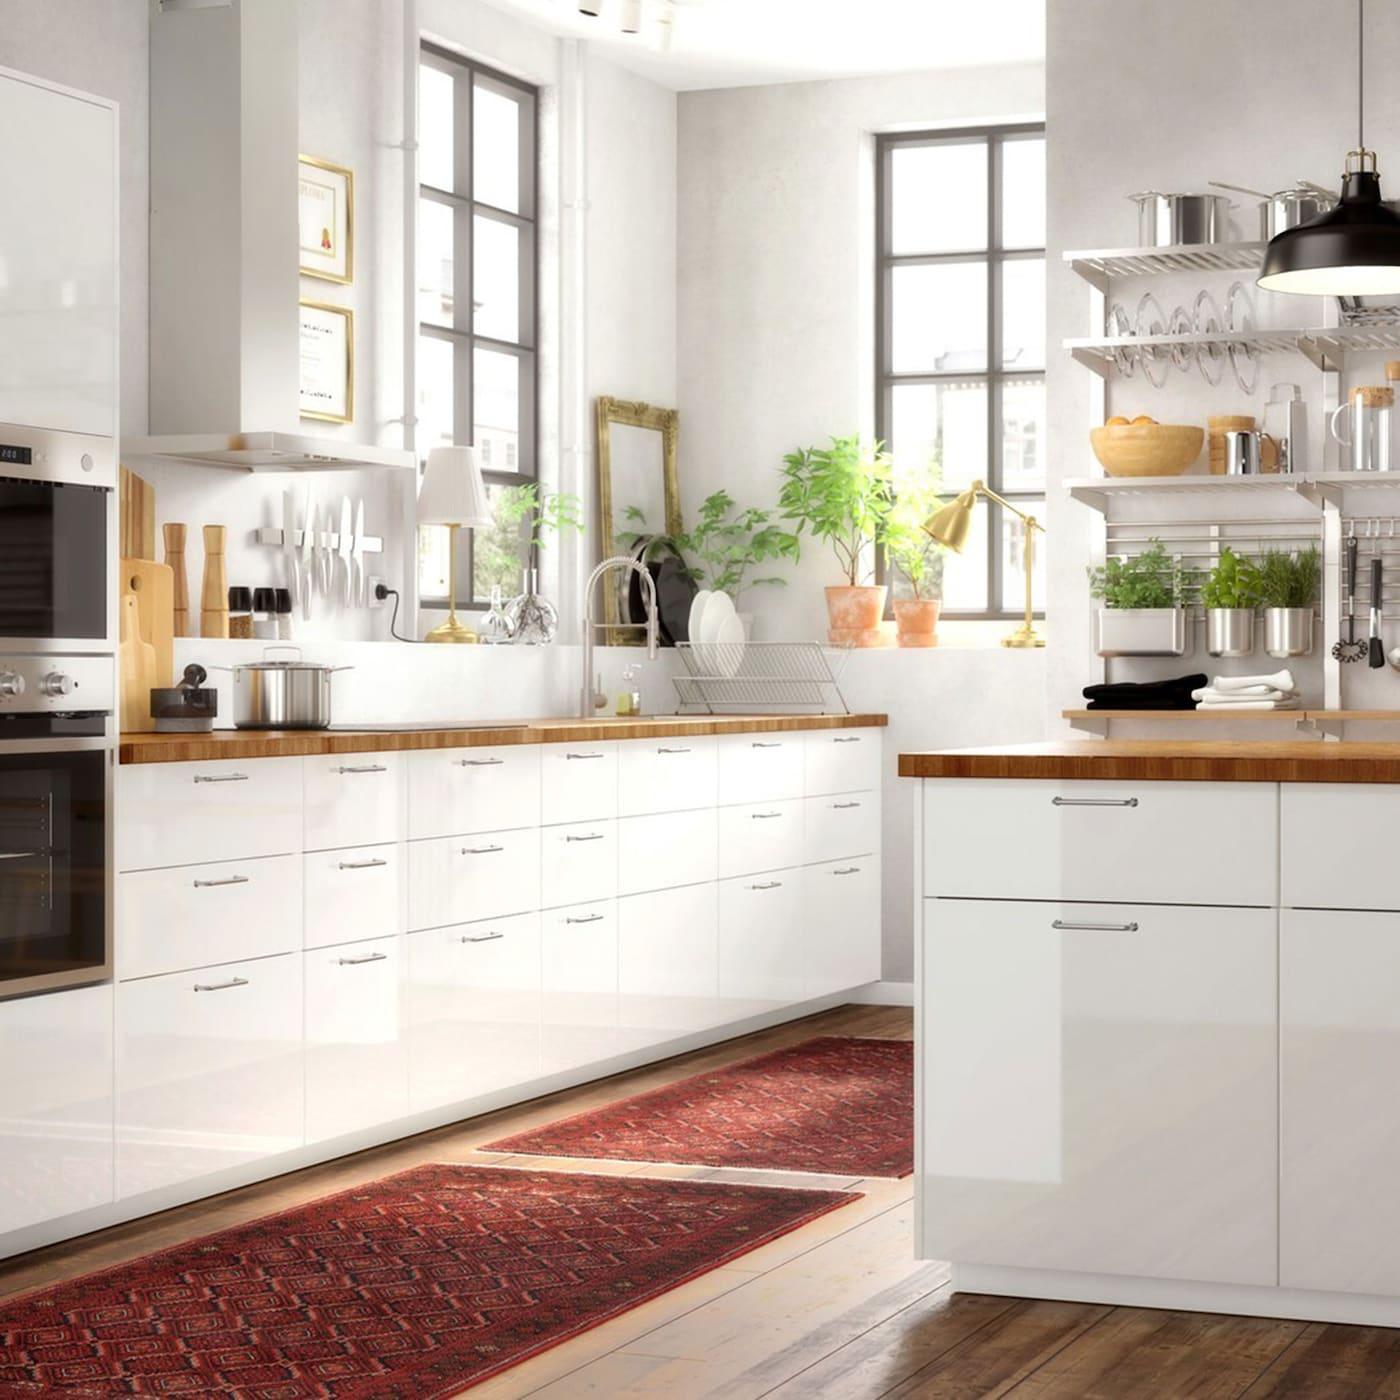 Full Size of Ringhult Hellgrau Ikea Kcheninspiration Schweiz Kche Kosten Wohnzimmer Ringhult Hellgrau